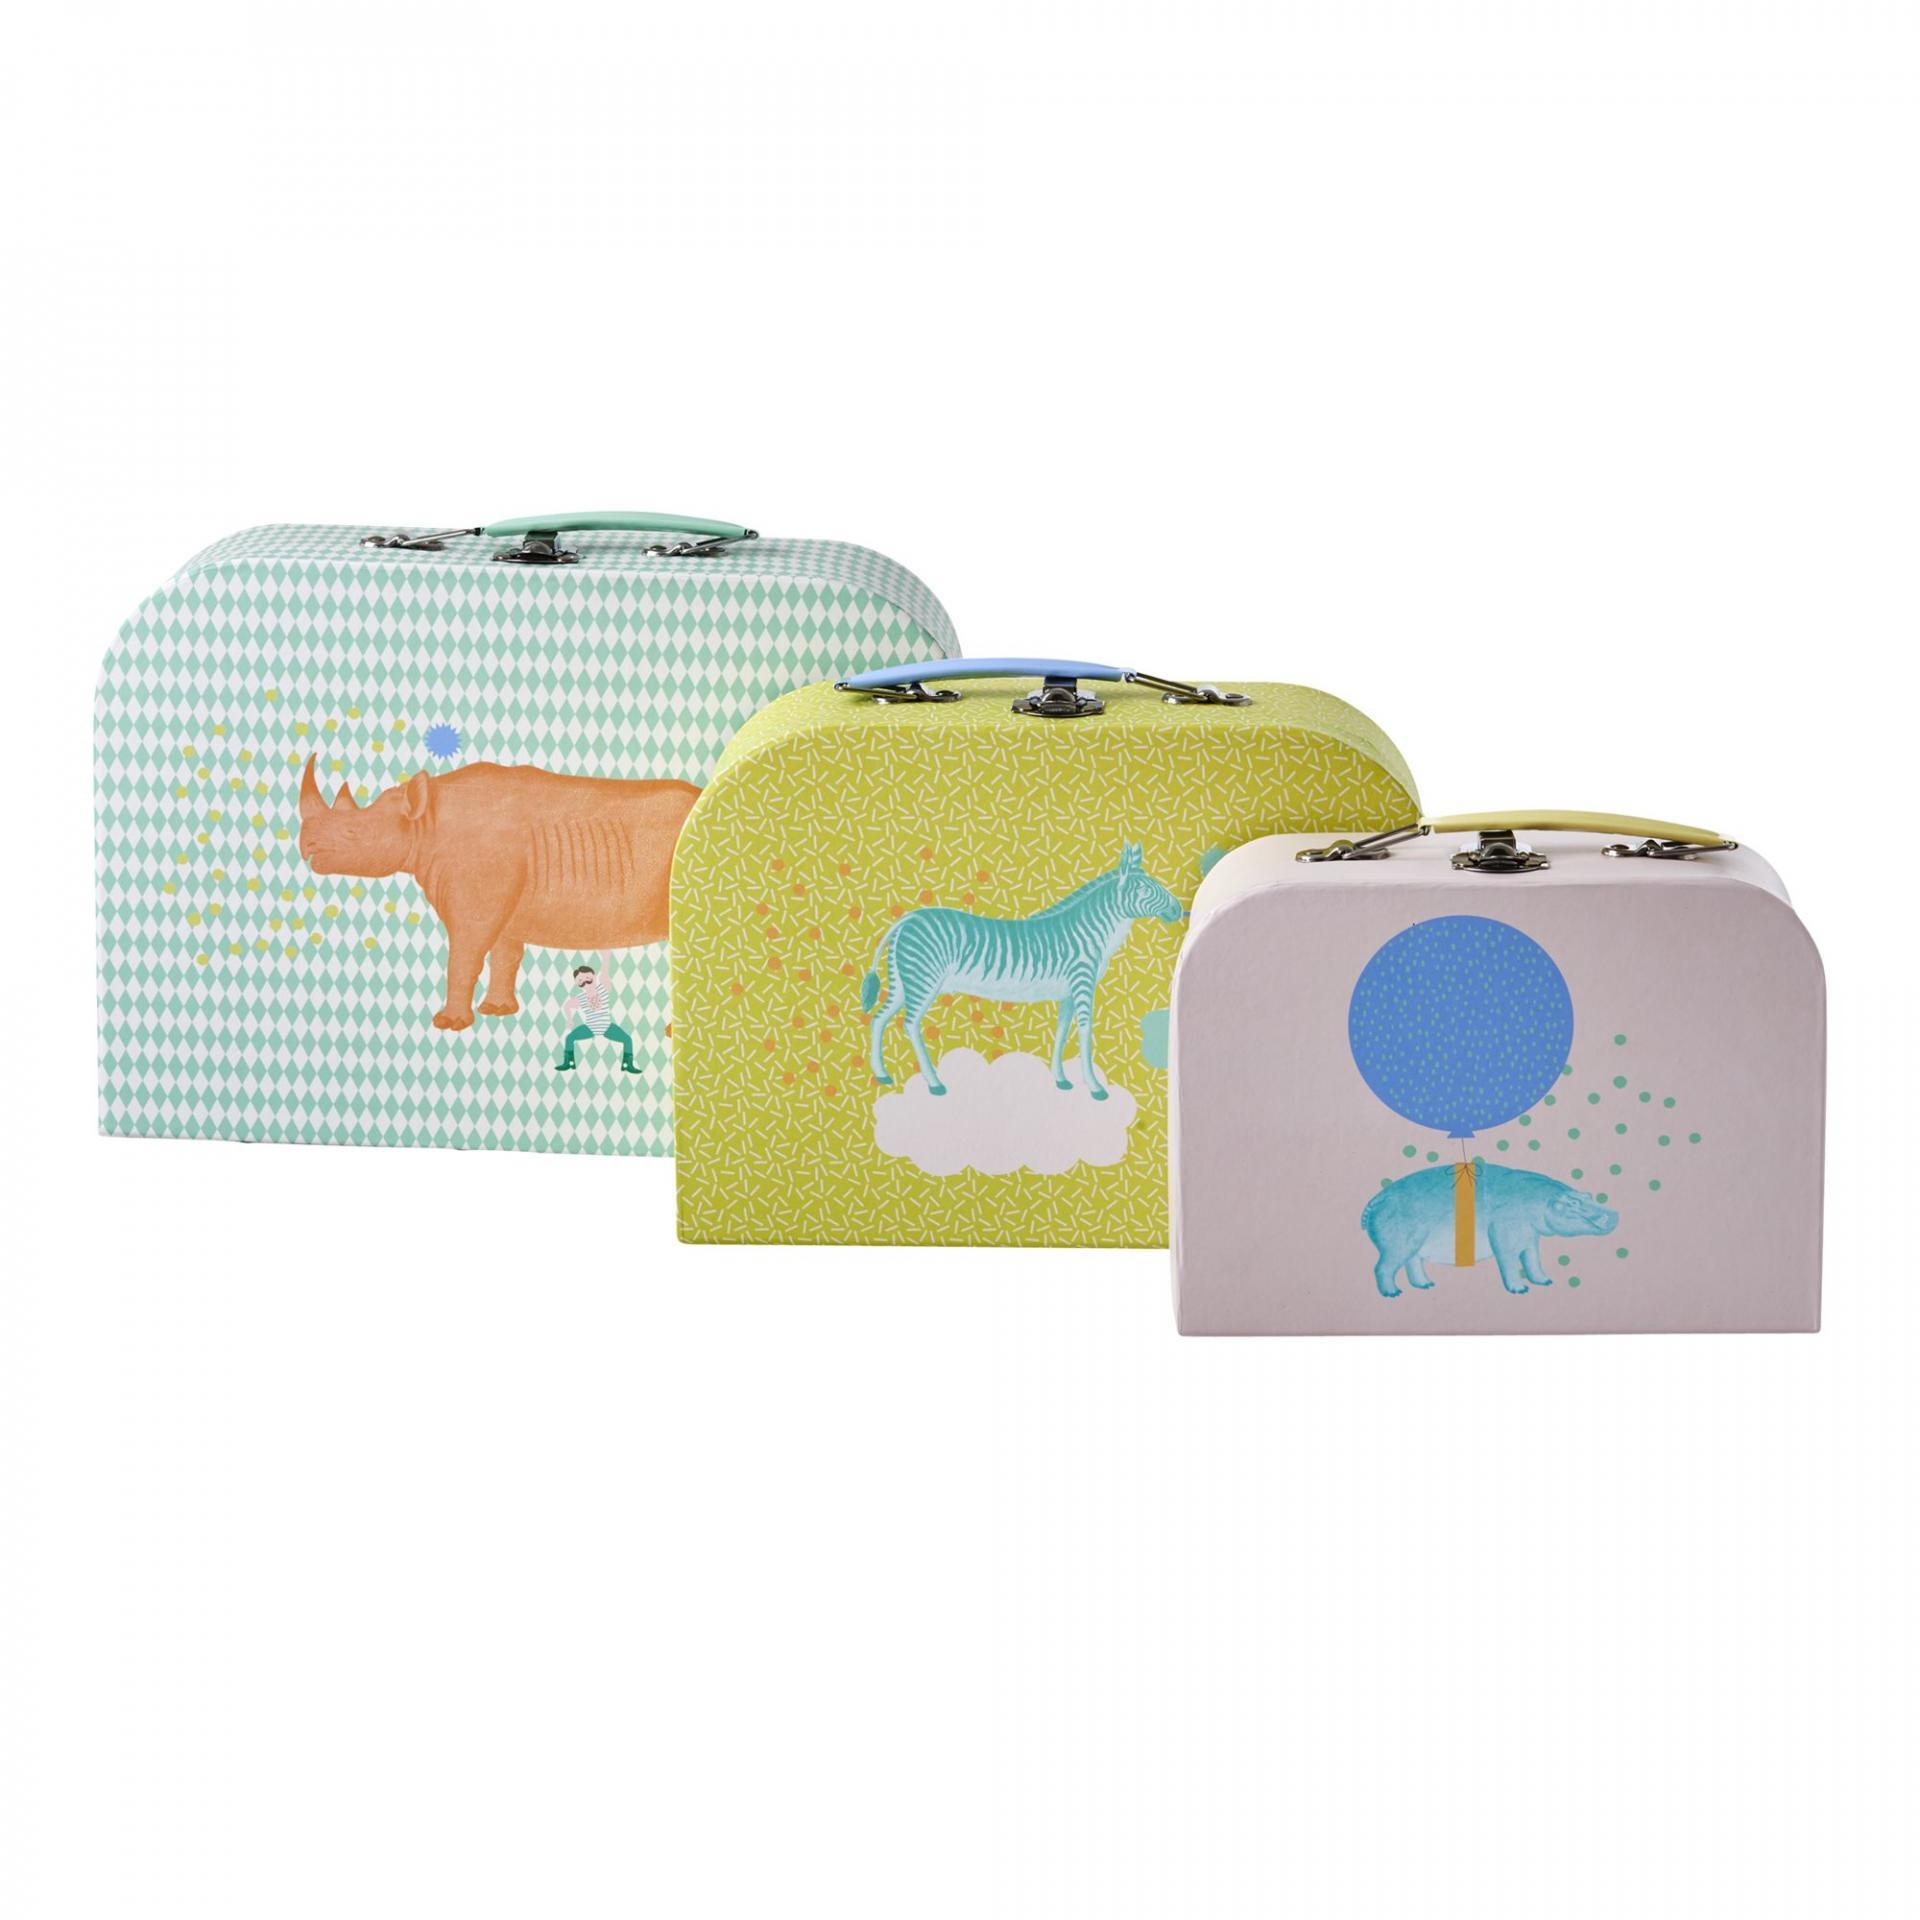 rice Kufřík Animals - 3 velikosti Růžový S, multi barva, papír